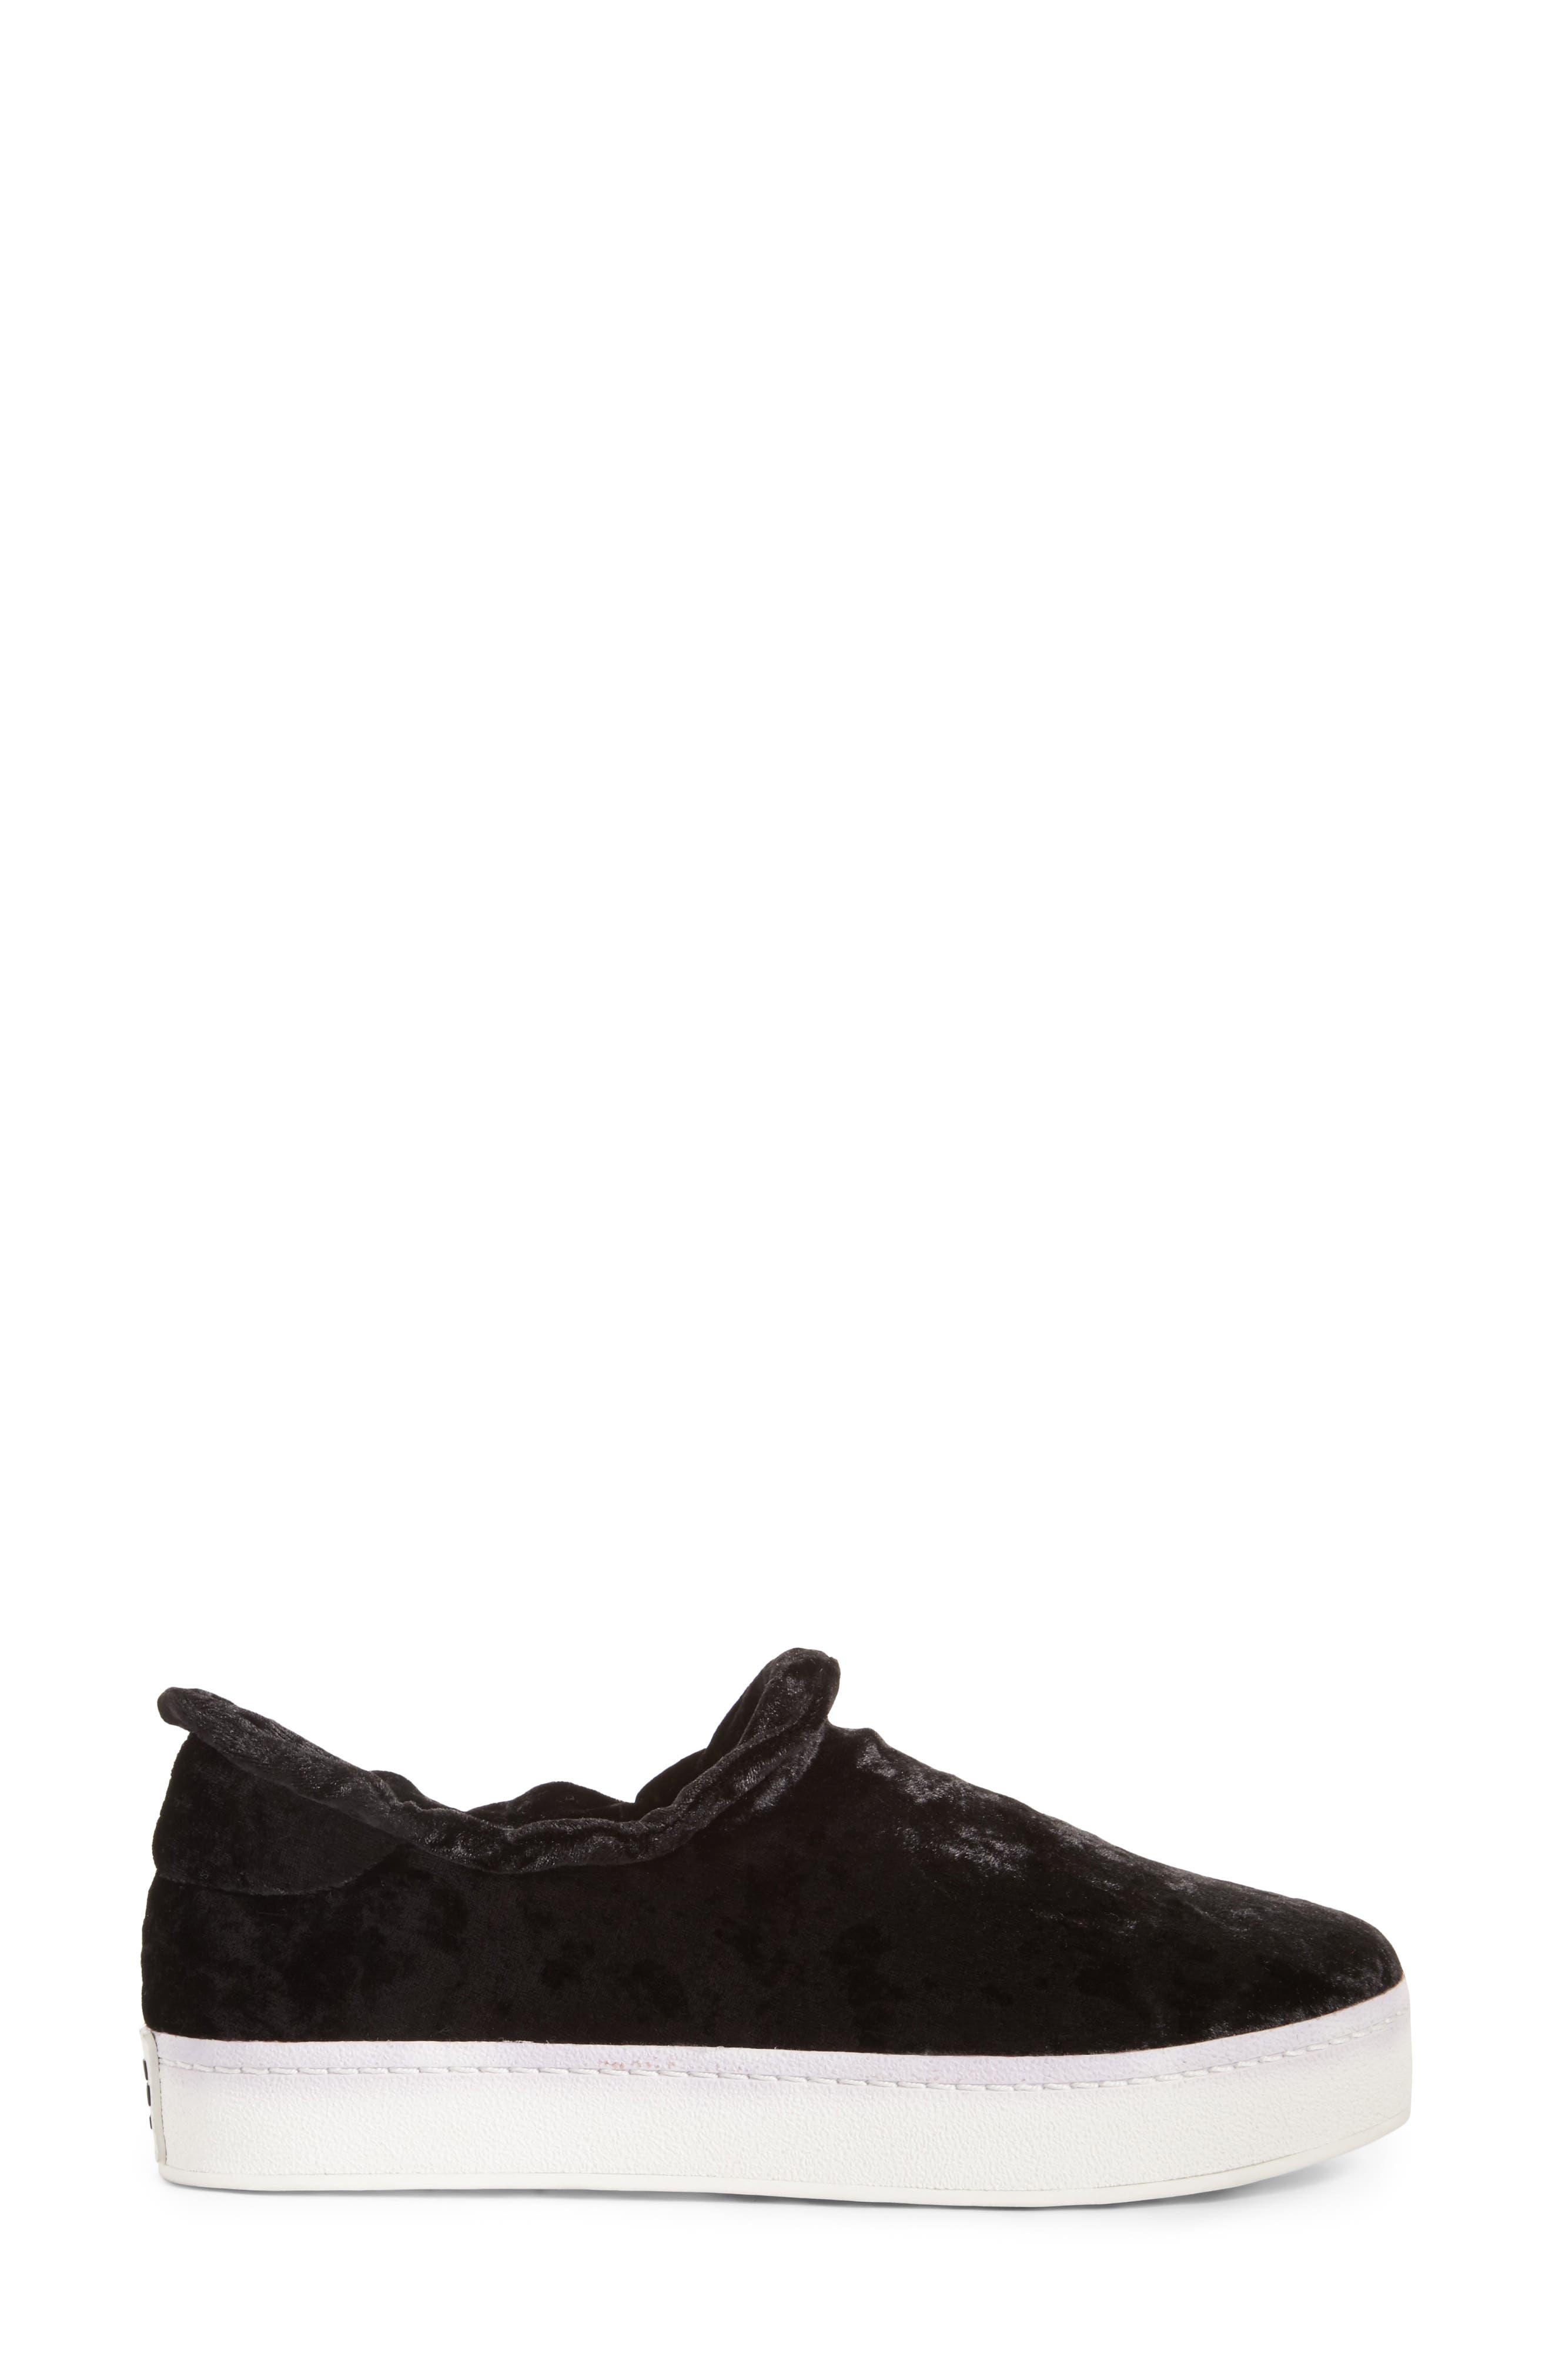 Cici Velvet Ruffle Slip-On Sneaker,                             Alternate thumbnail 3, color,                             001